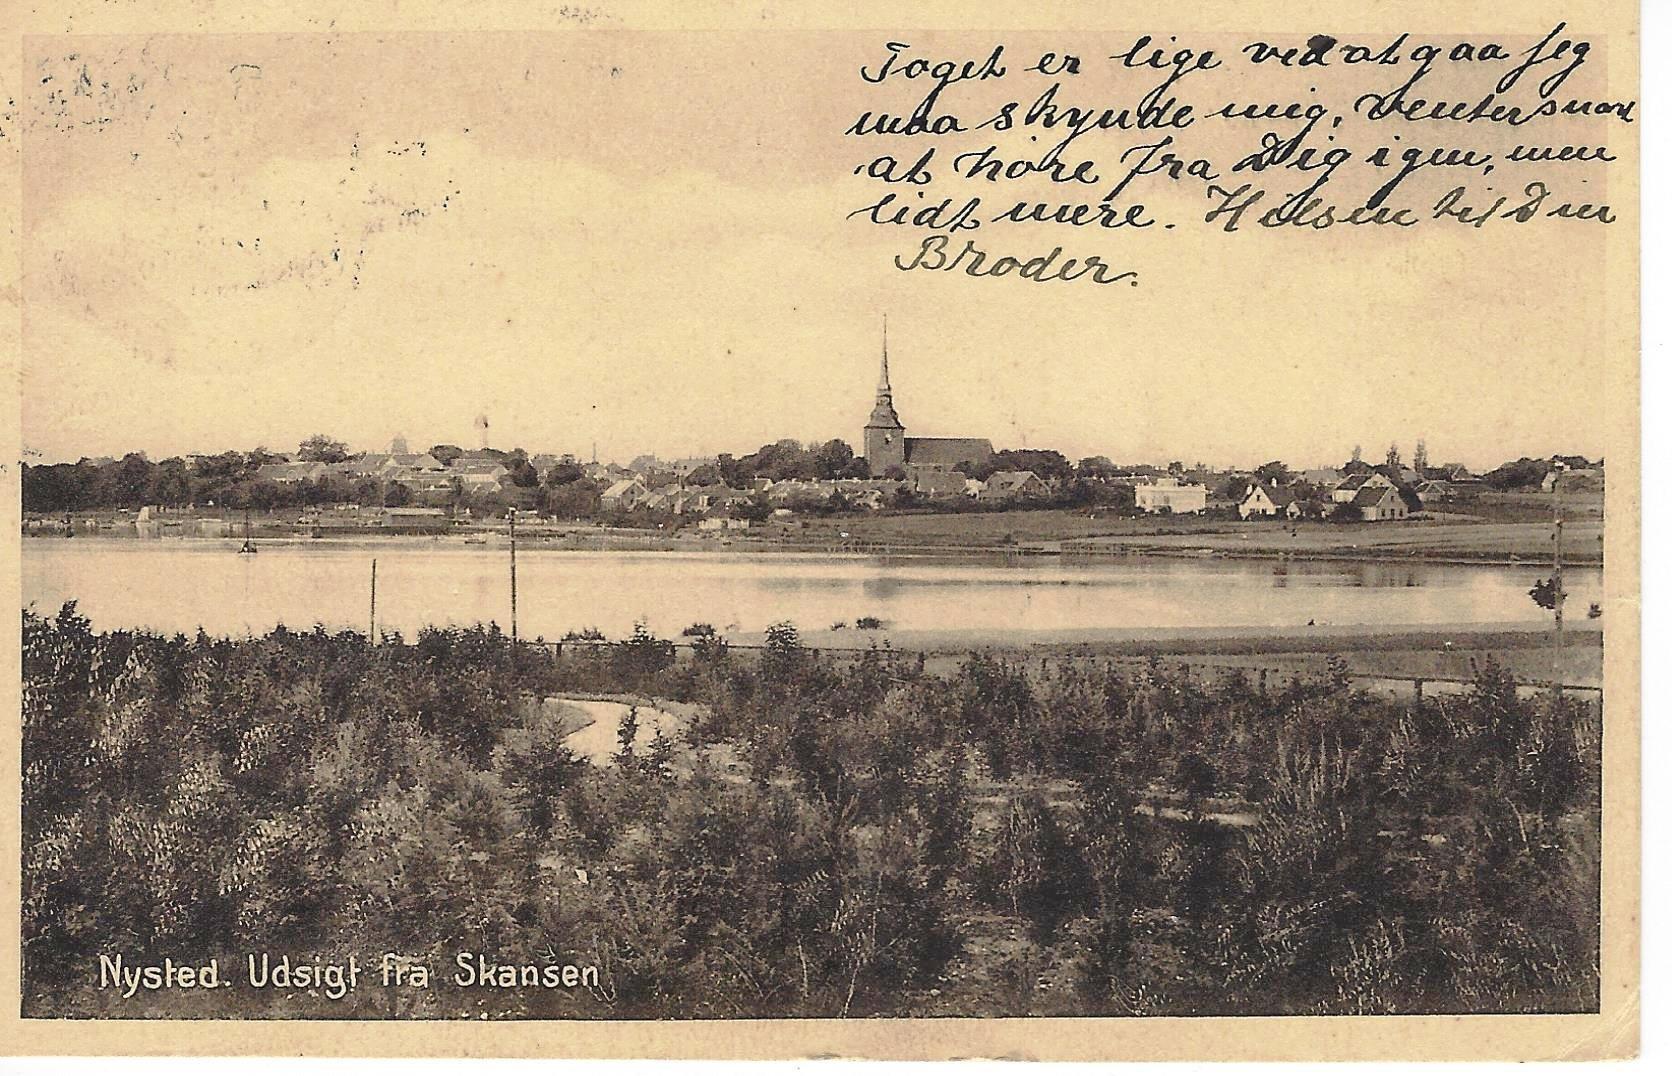 04-Nysted-Udsigt-fra-Skansen-1916